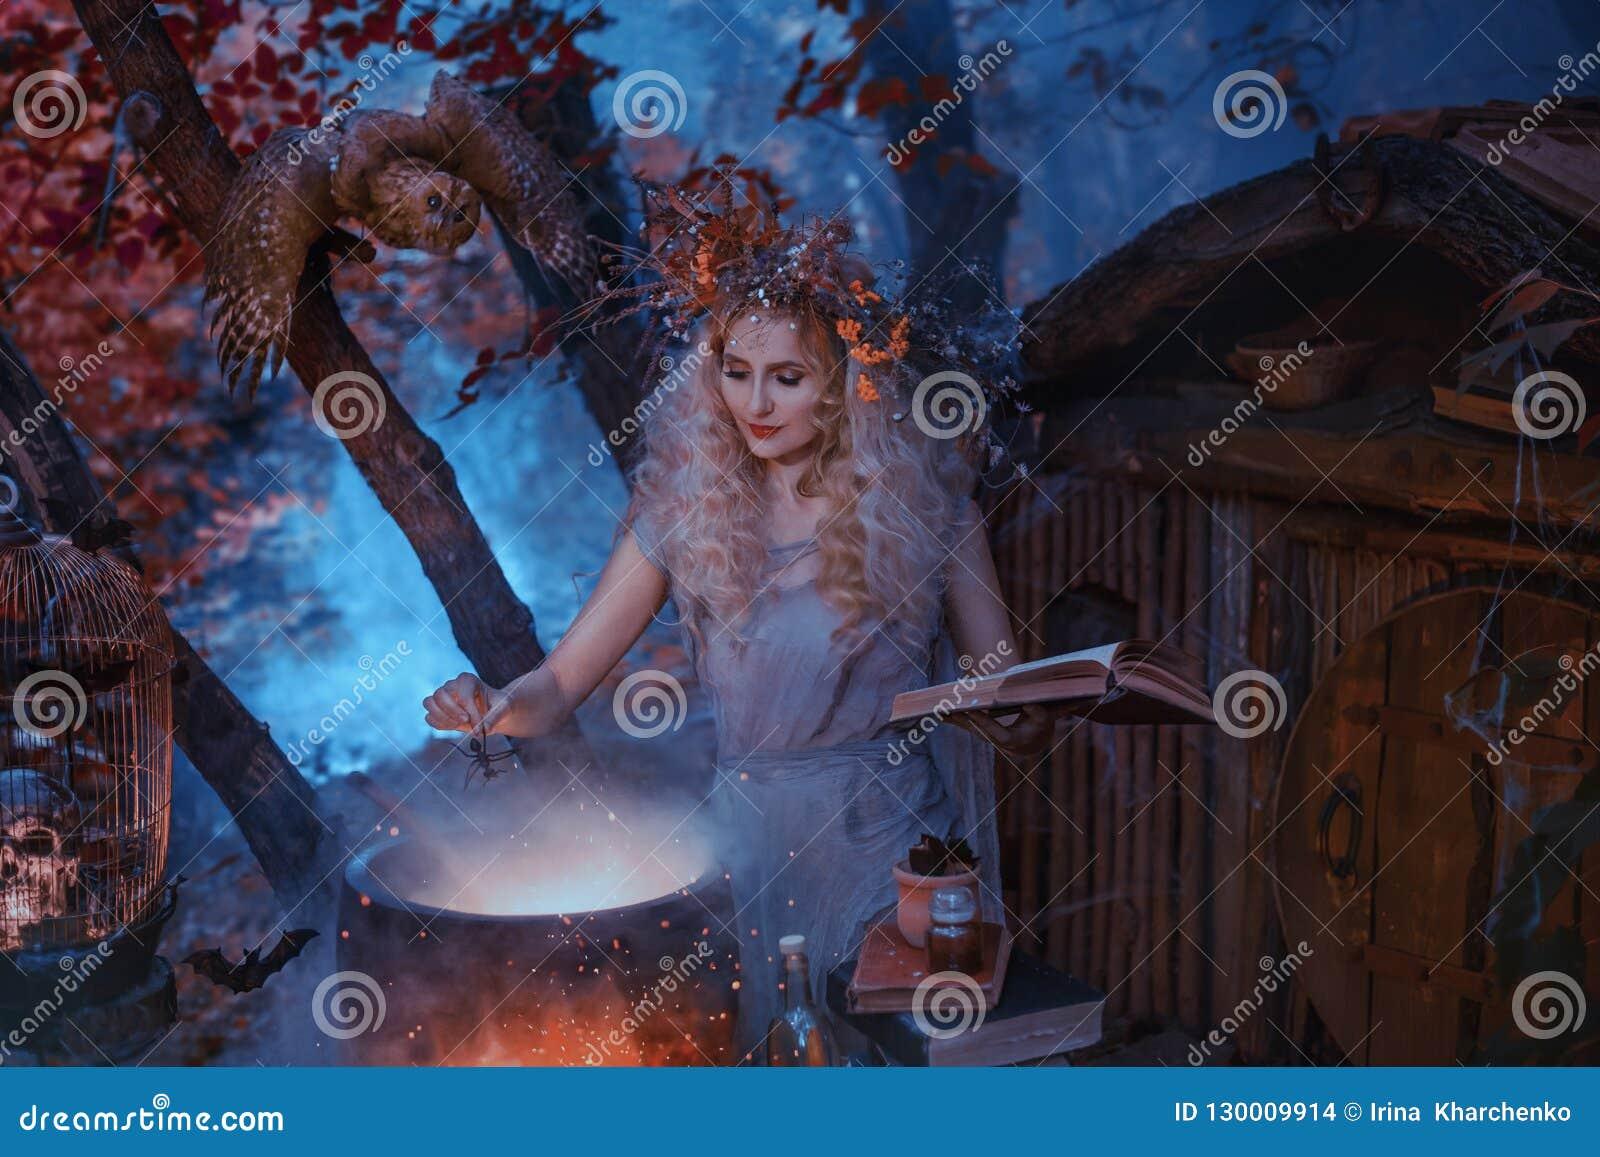 在处理的艺术的大气冷的秋天照片,一个好巫婆在他的森林家附近创造不可思议的不老长寿药,对负